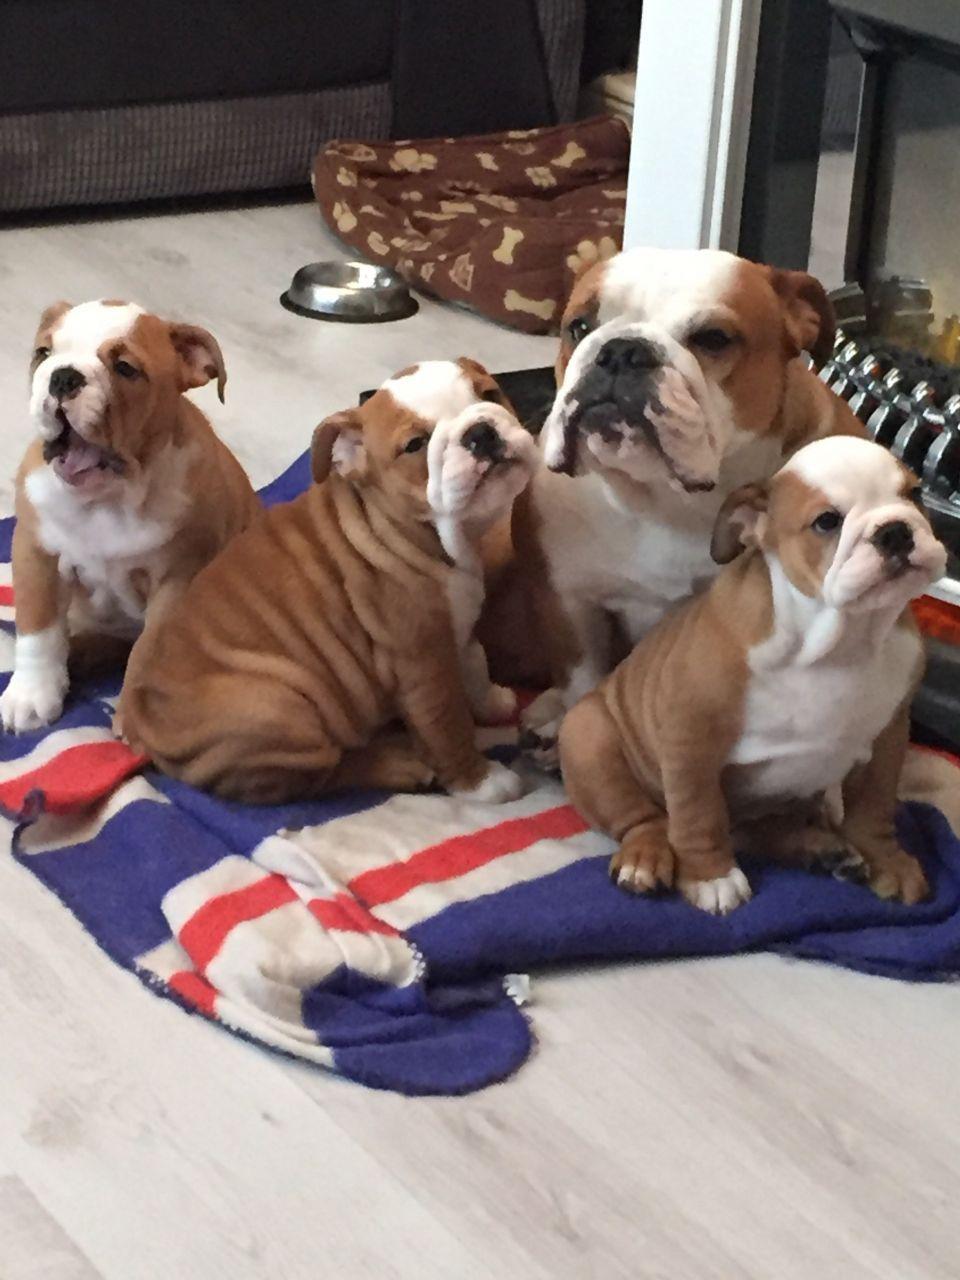 Kc Reg Female English Bulldog Puppy Last One Bulldog Puppies